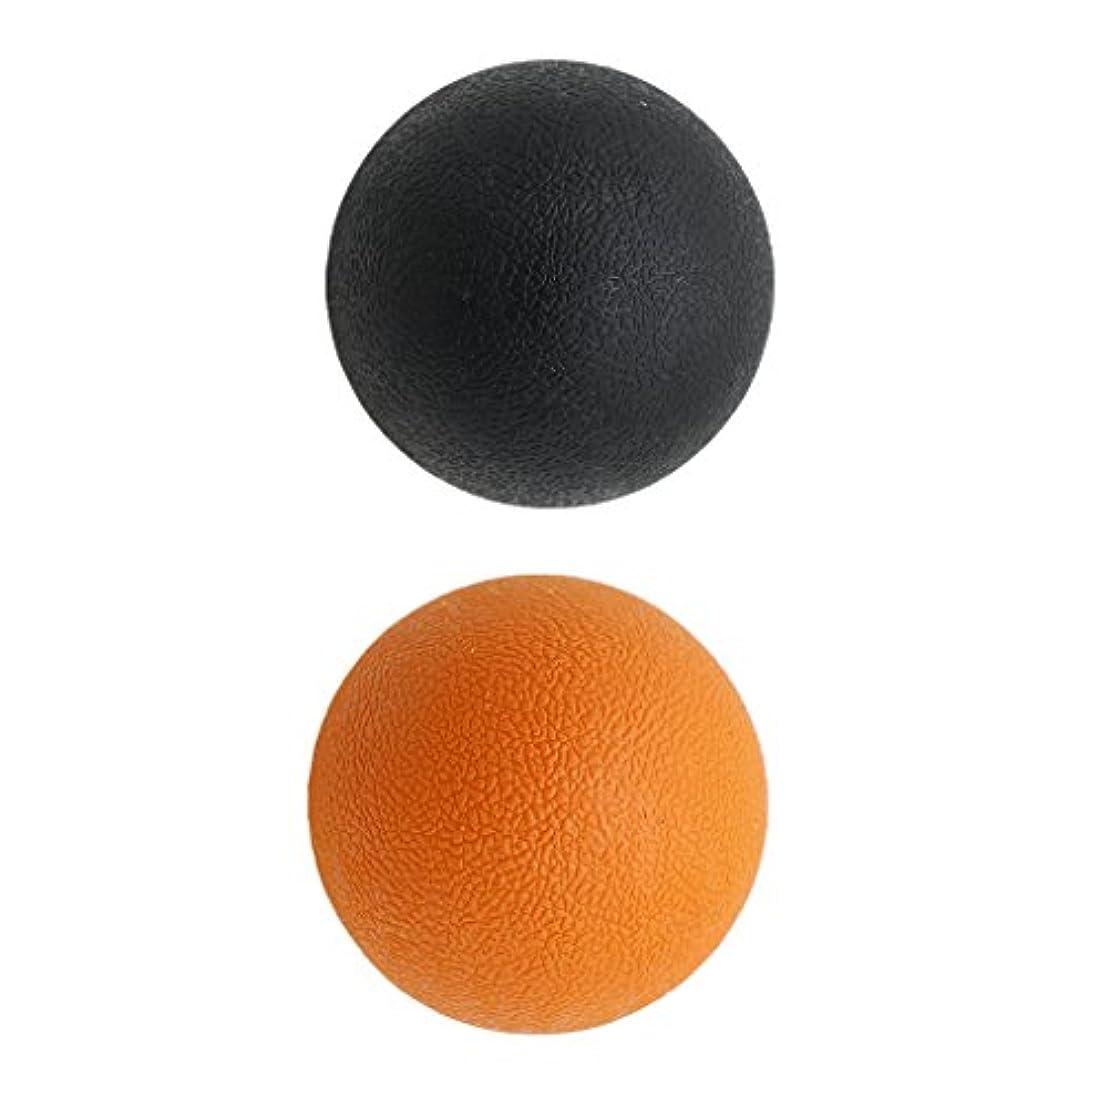 見出し機構リスク2個 マッサージボール ラクロスボール 背部 トリガ ポイント マッサージ 多色選べる - オレンジブラック